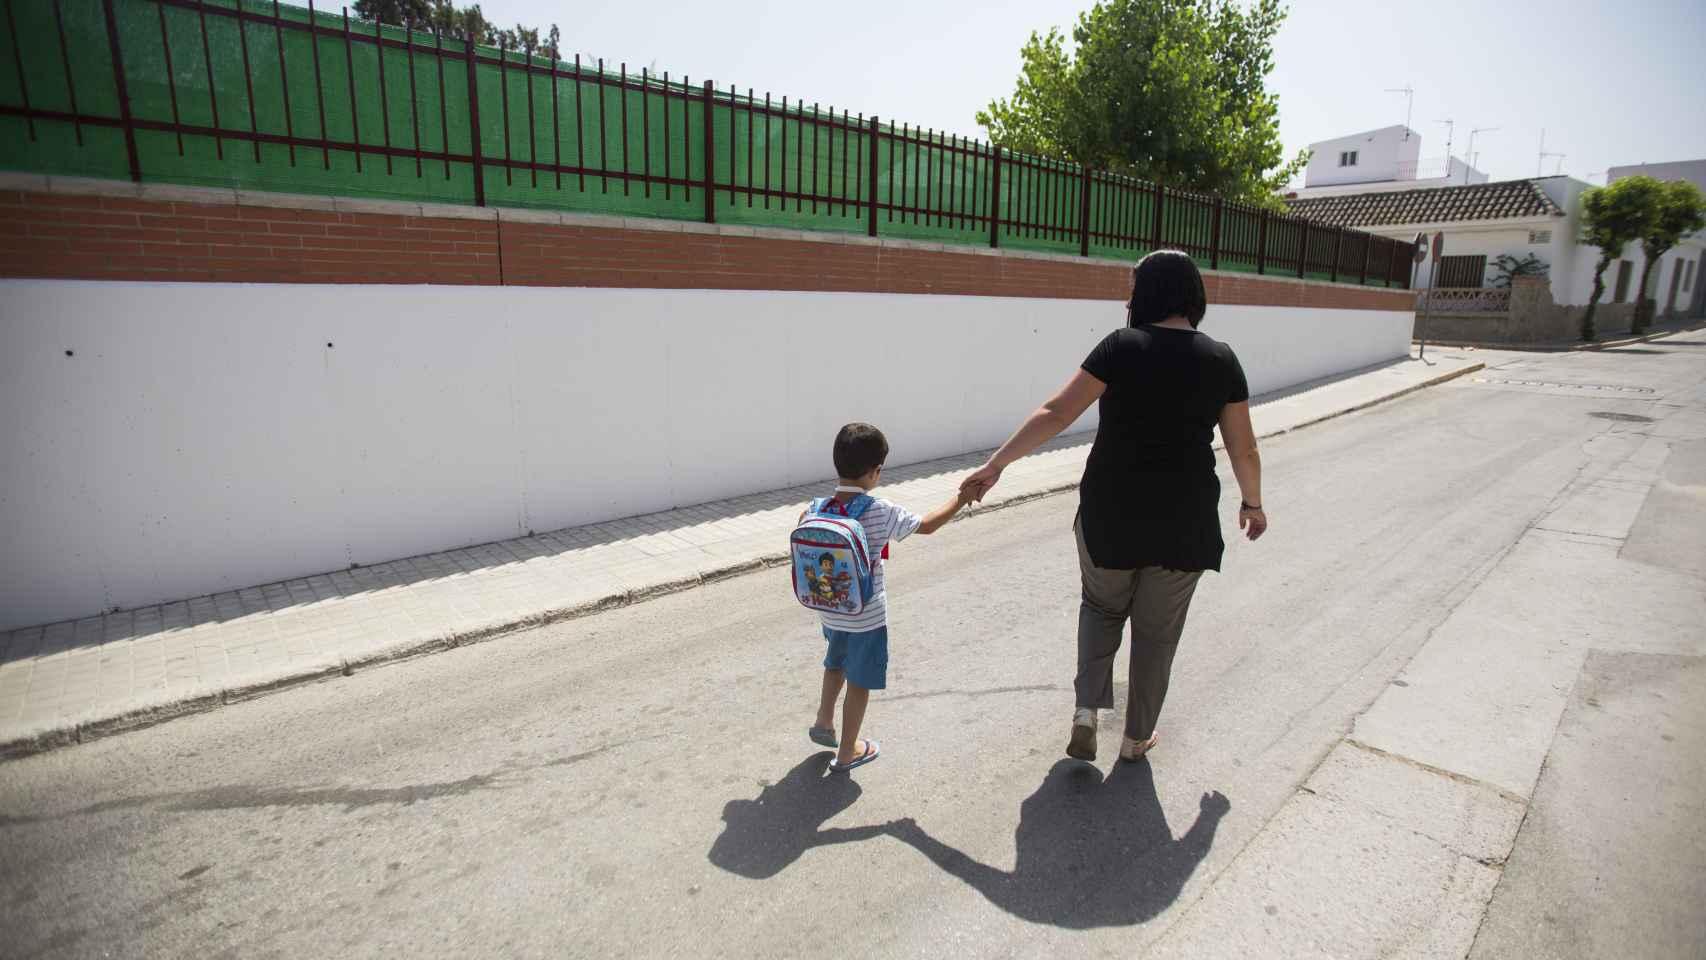 Carlos de camino al colegio junto a su madre.